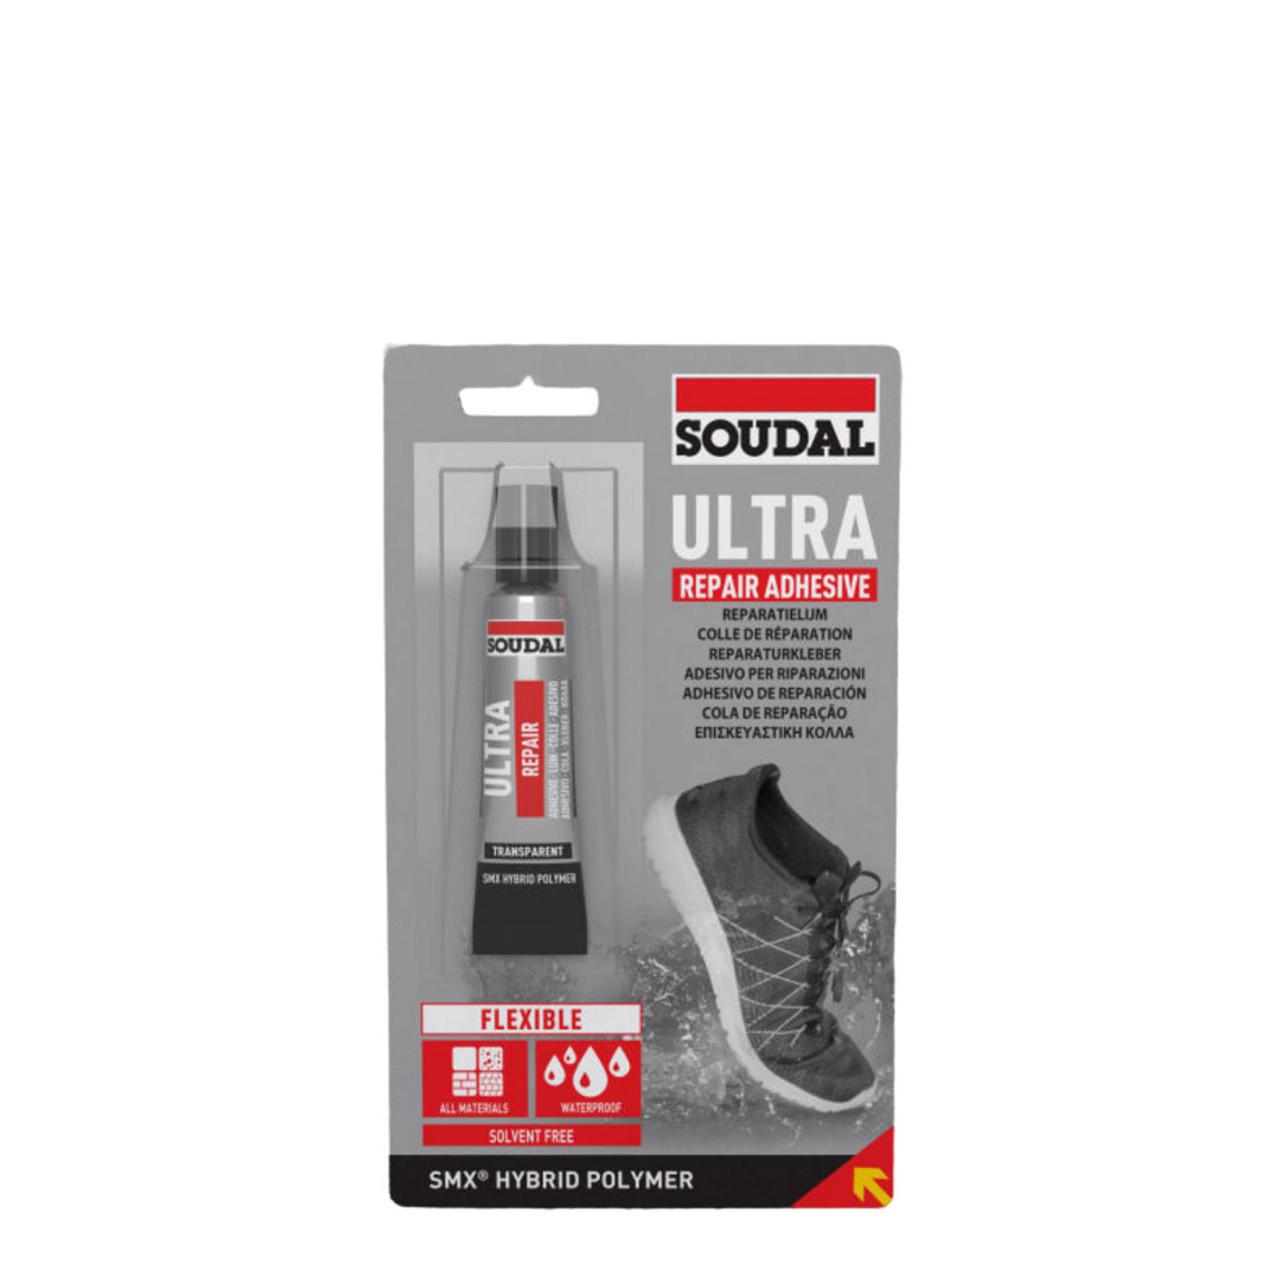 Soudal Ultra Repair Adhesive 20ml